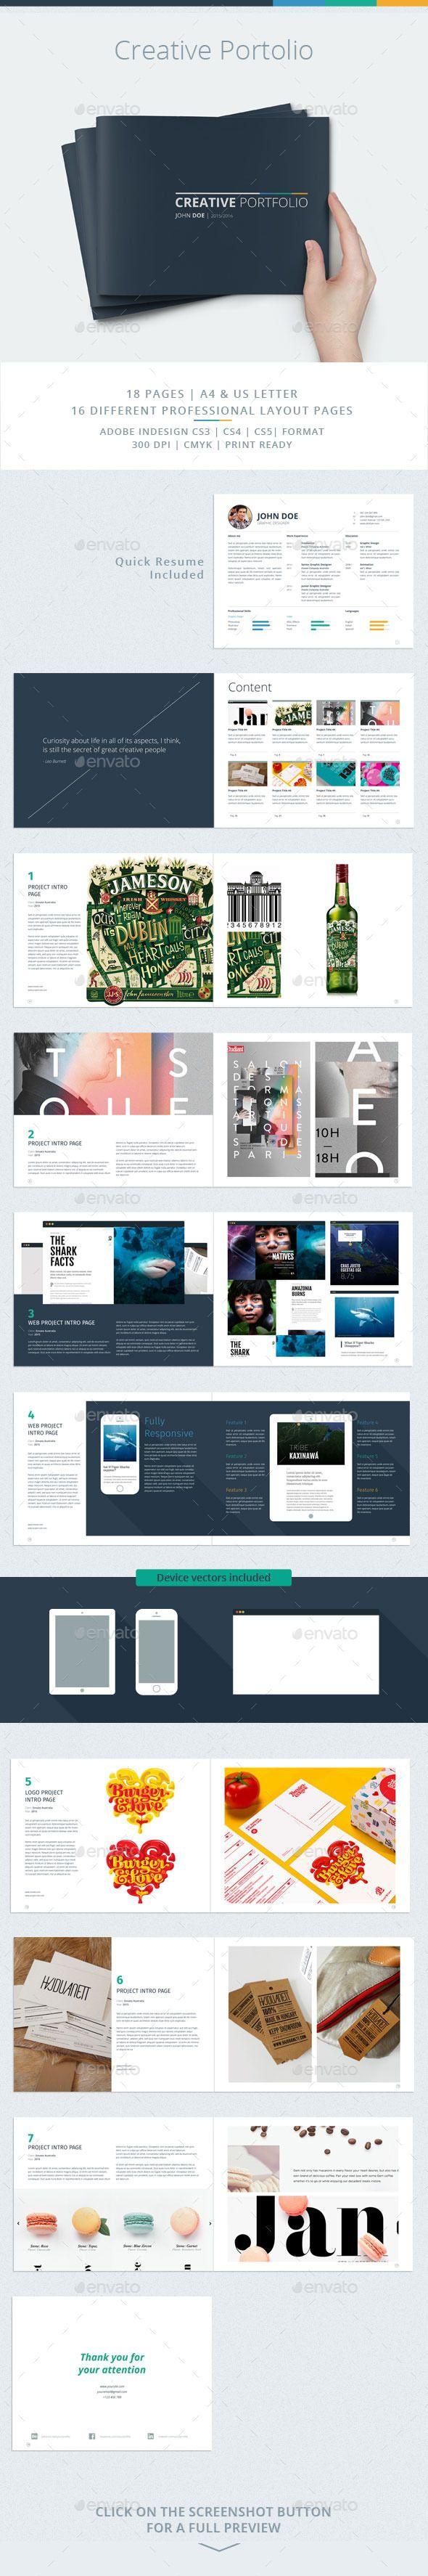 Creative Portfolio | Diseño editorial, Portafolio y Editorial